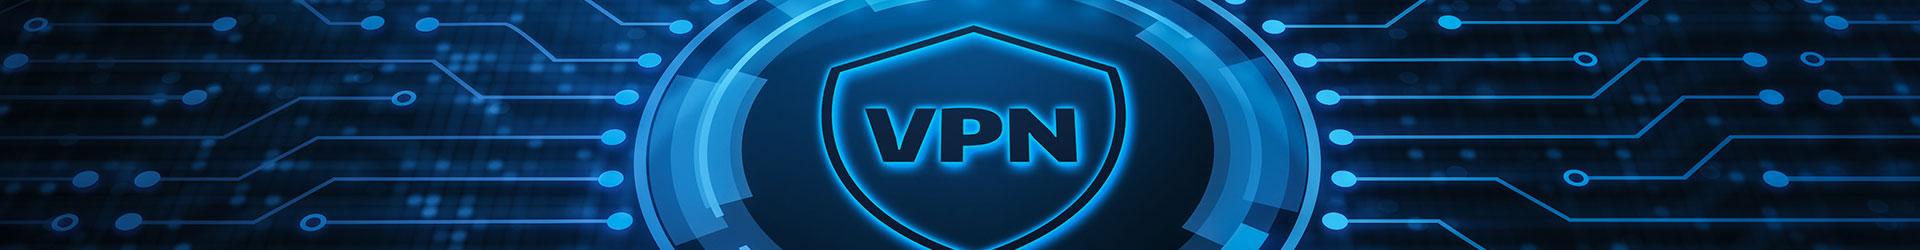 10 Razões para usar uma VPN para navegação privada nos Estados Unidos